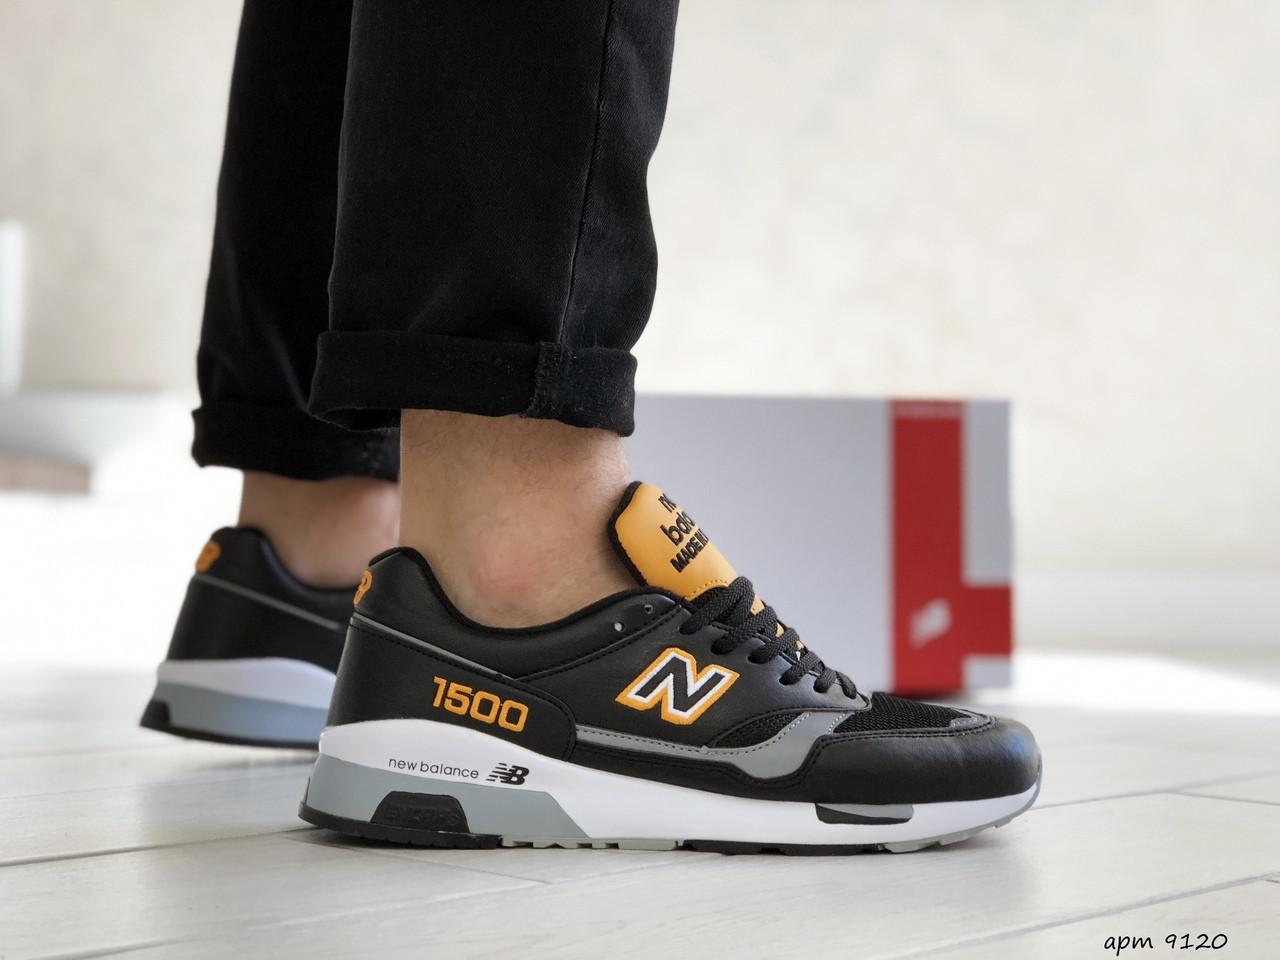 Чоловічі кросівки New Balance 1500 ВЕЛИКОБРИТАНІЯ (чорно-білі з жовтим) 9120